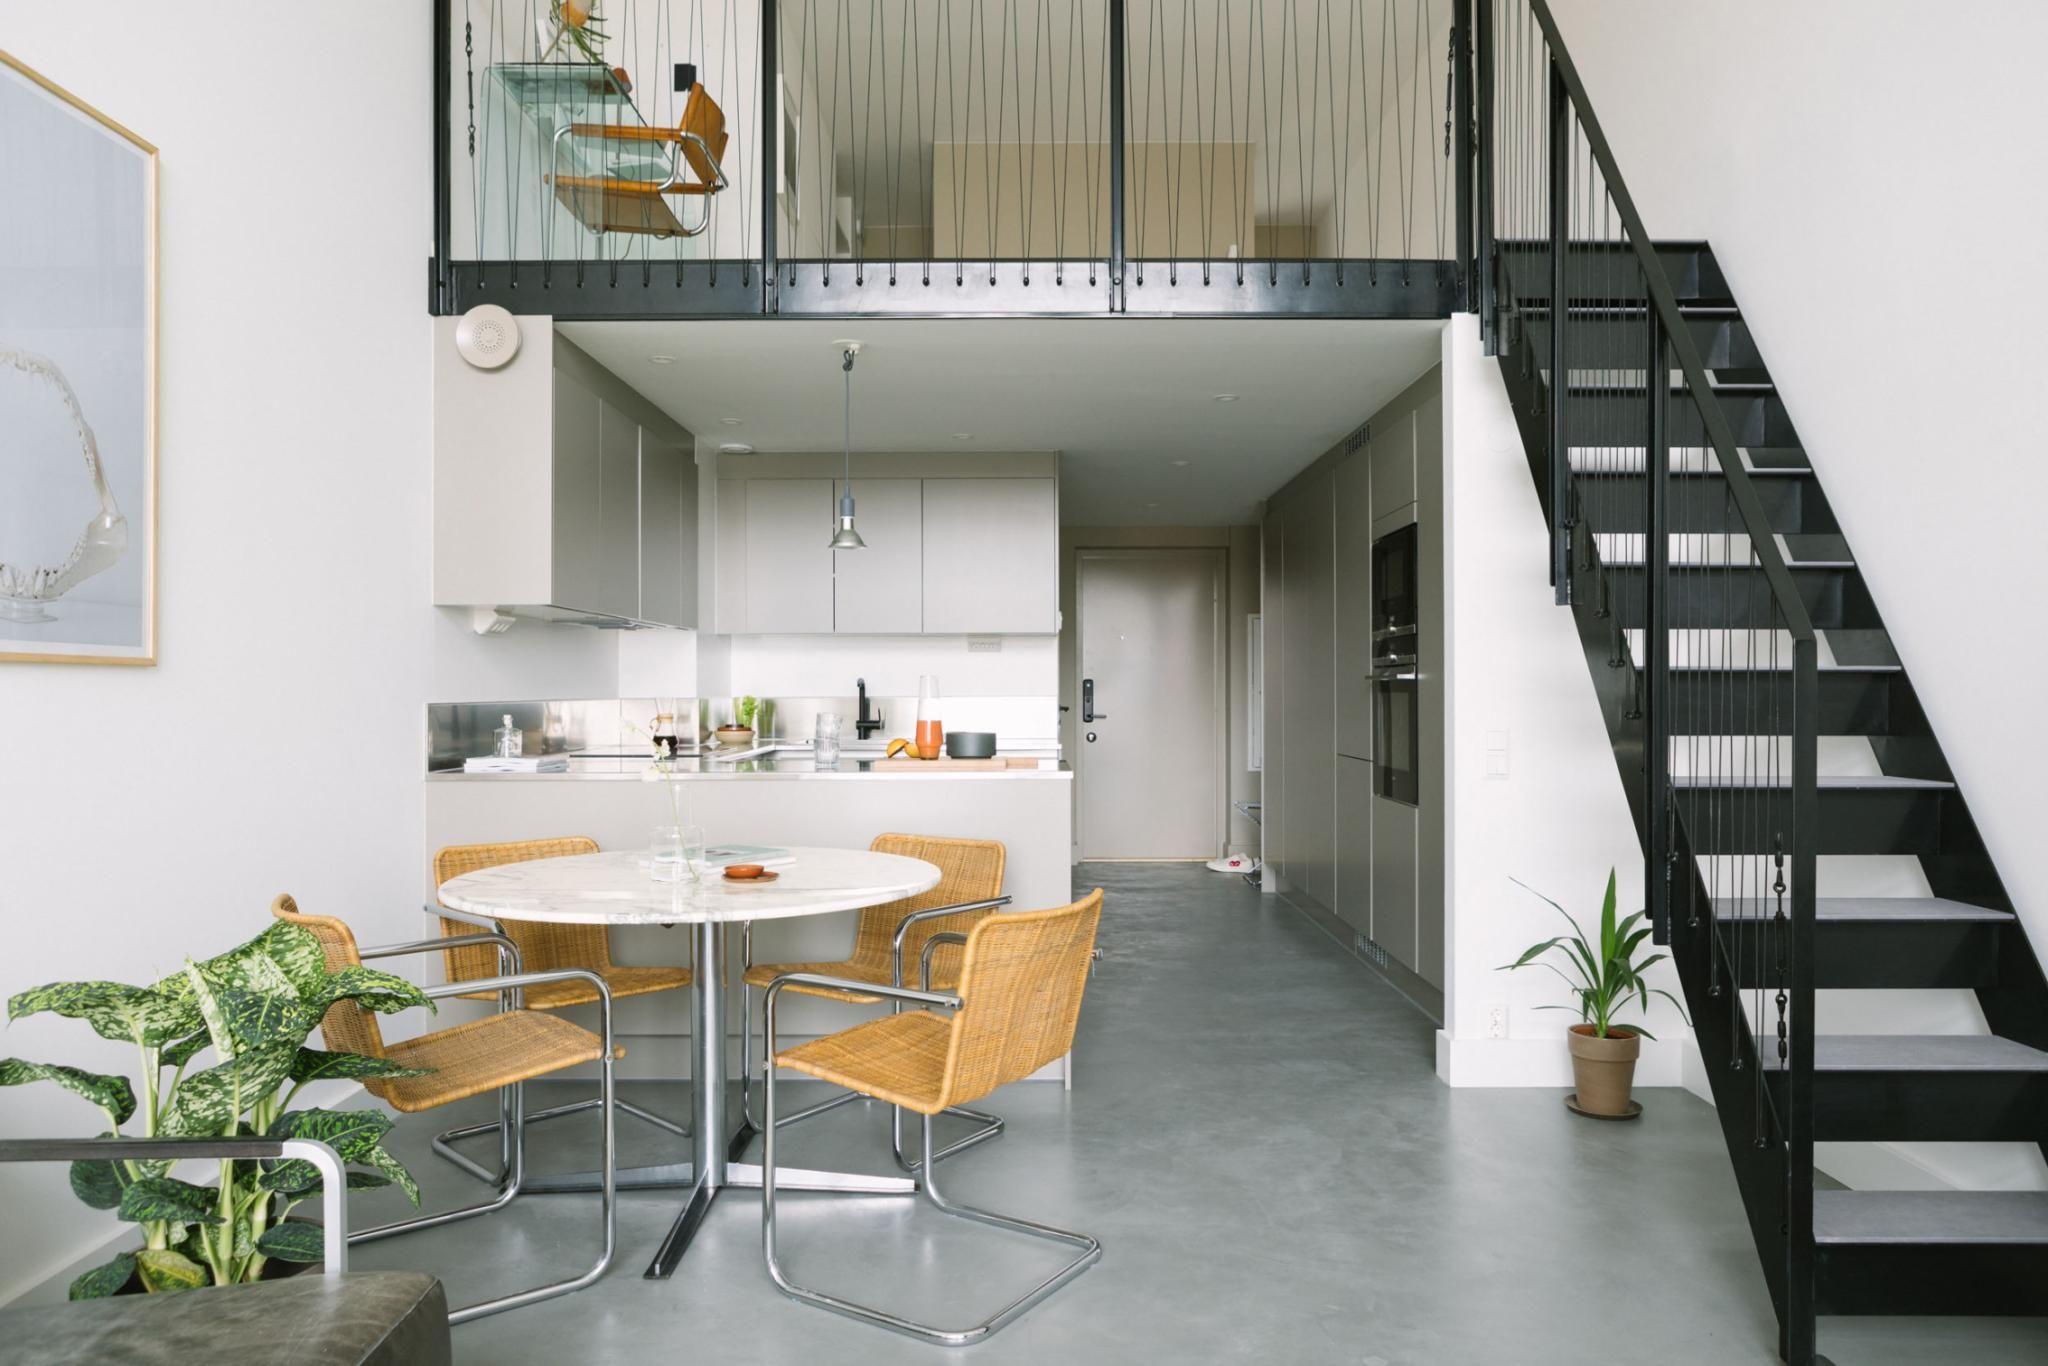 Un Appartement Avec Terrasse Au Design Minimaliste Et Beton